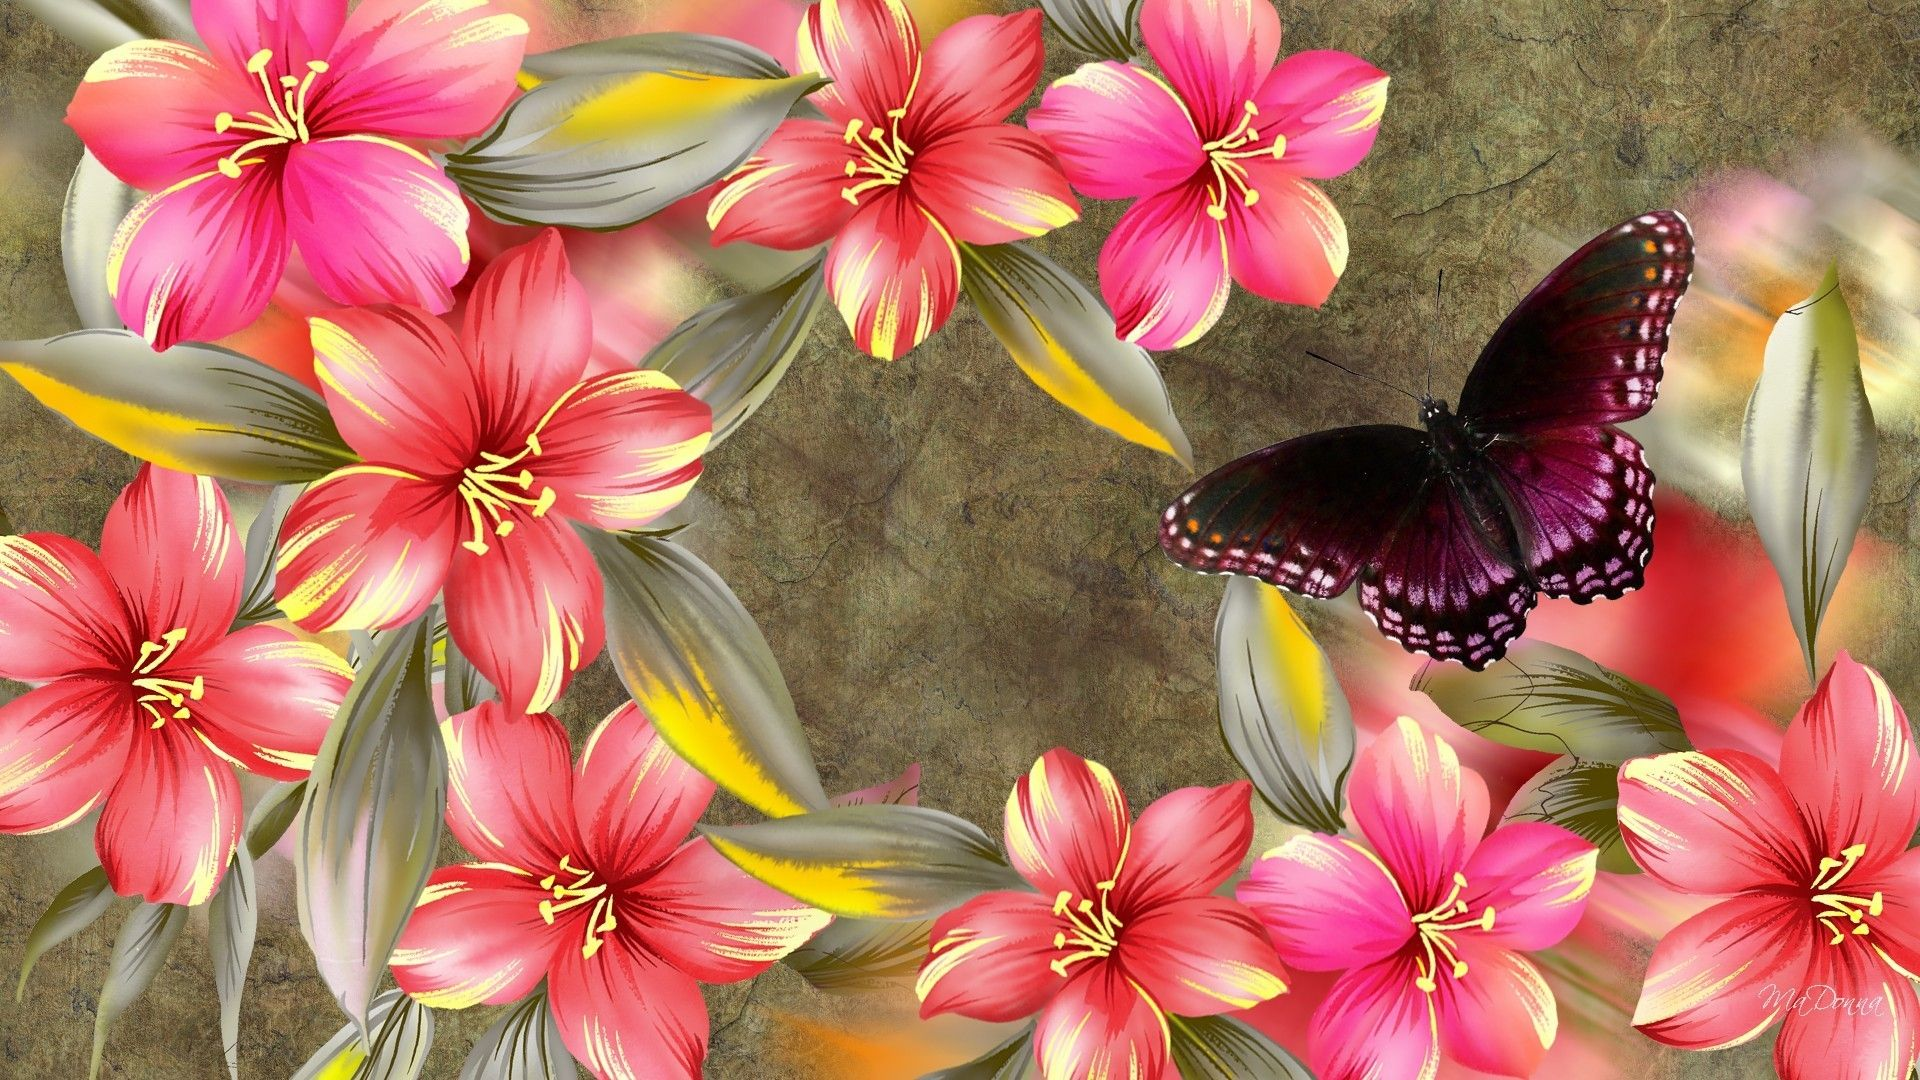 Hình nền máy tính hình nền con bướm, bướm 1920x1080